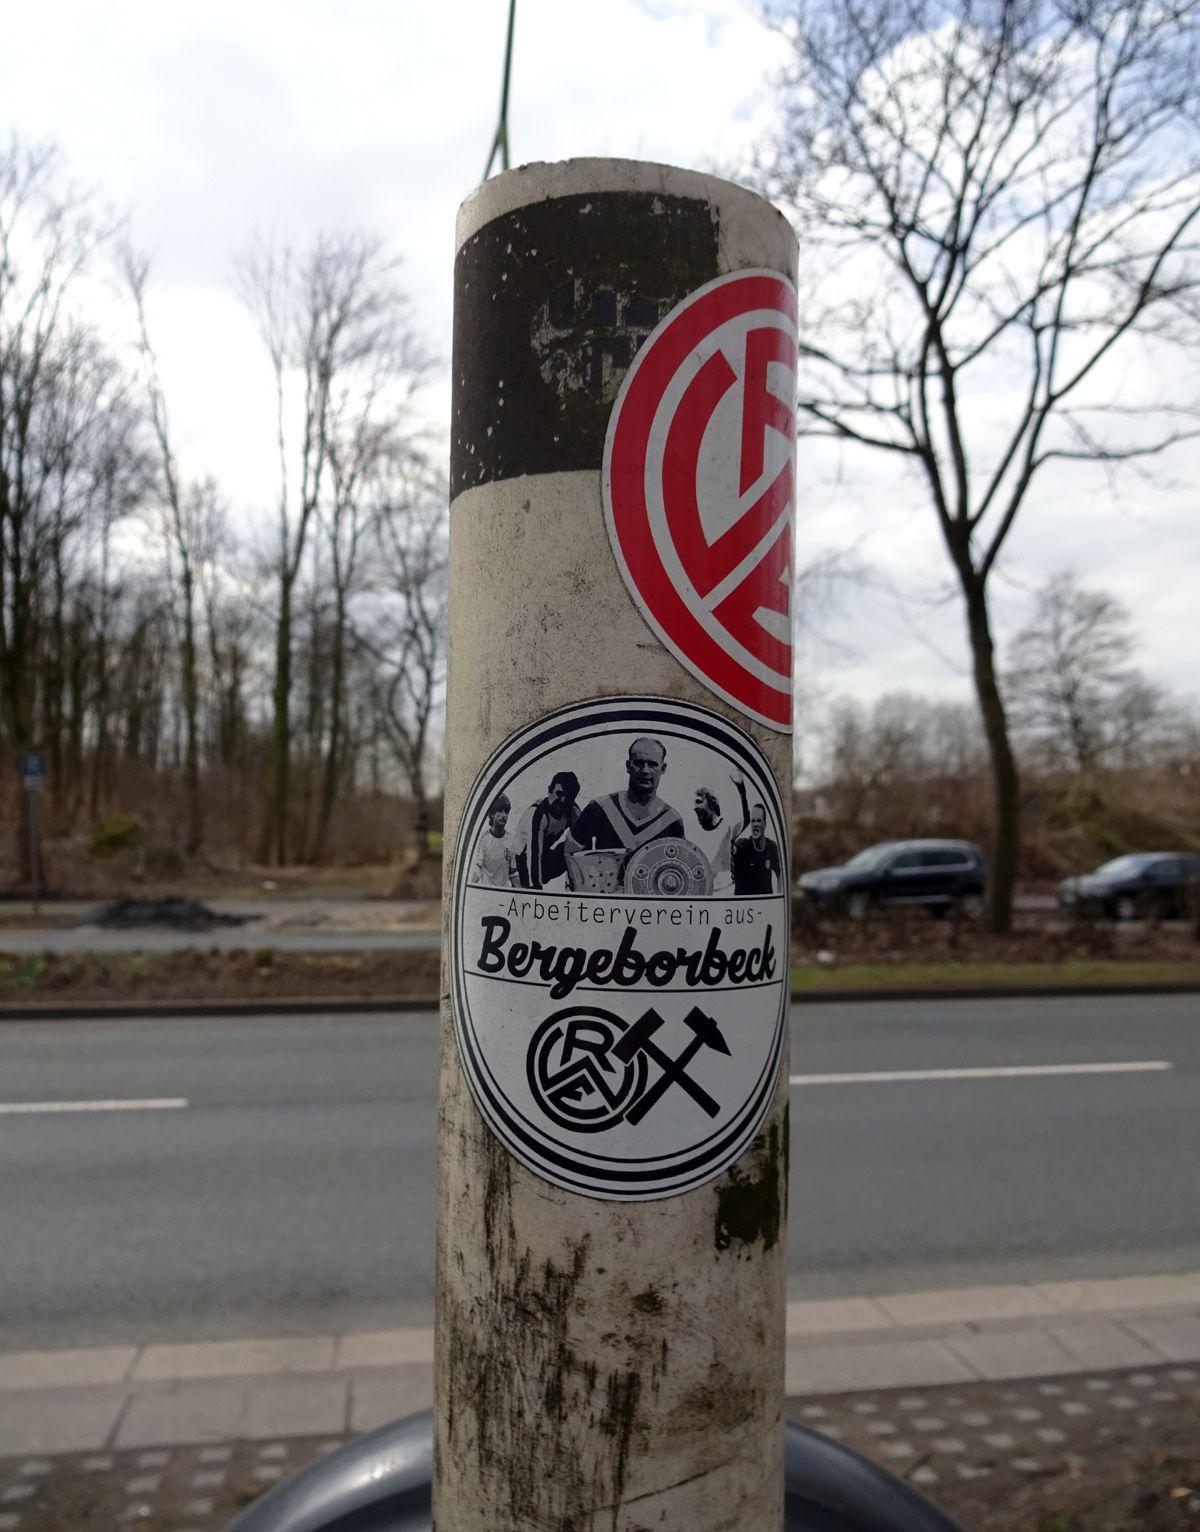 »Arbeiterverein aus Bergeborbeck«